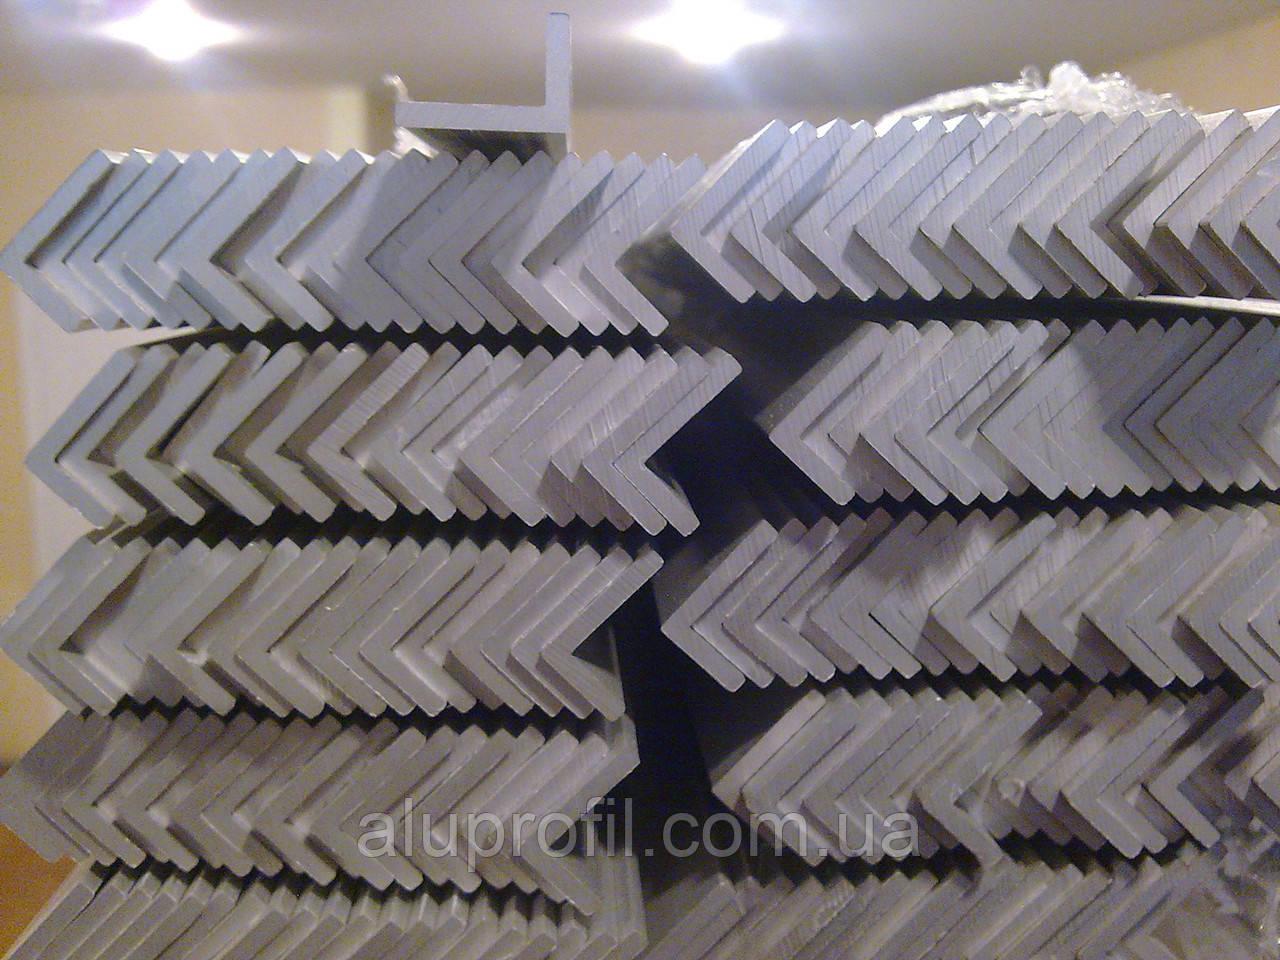 Алюминиевый профиль — уголок алюминиевый 15х10х2 Б/П